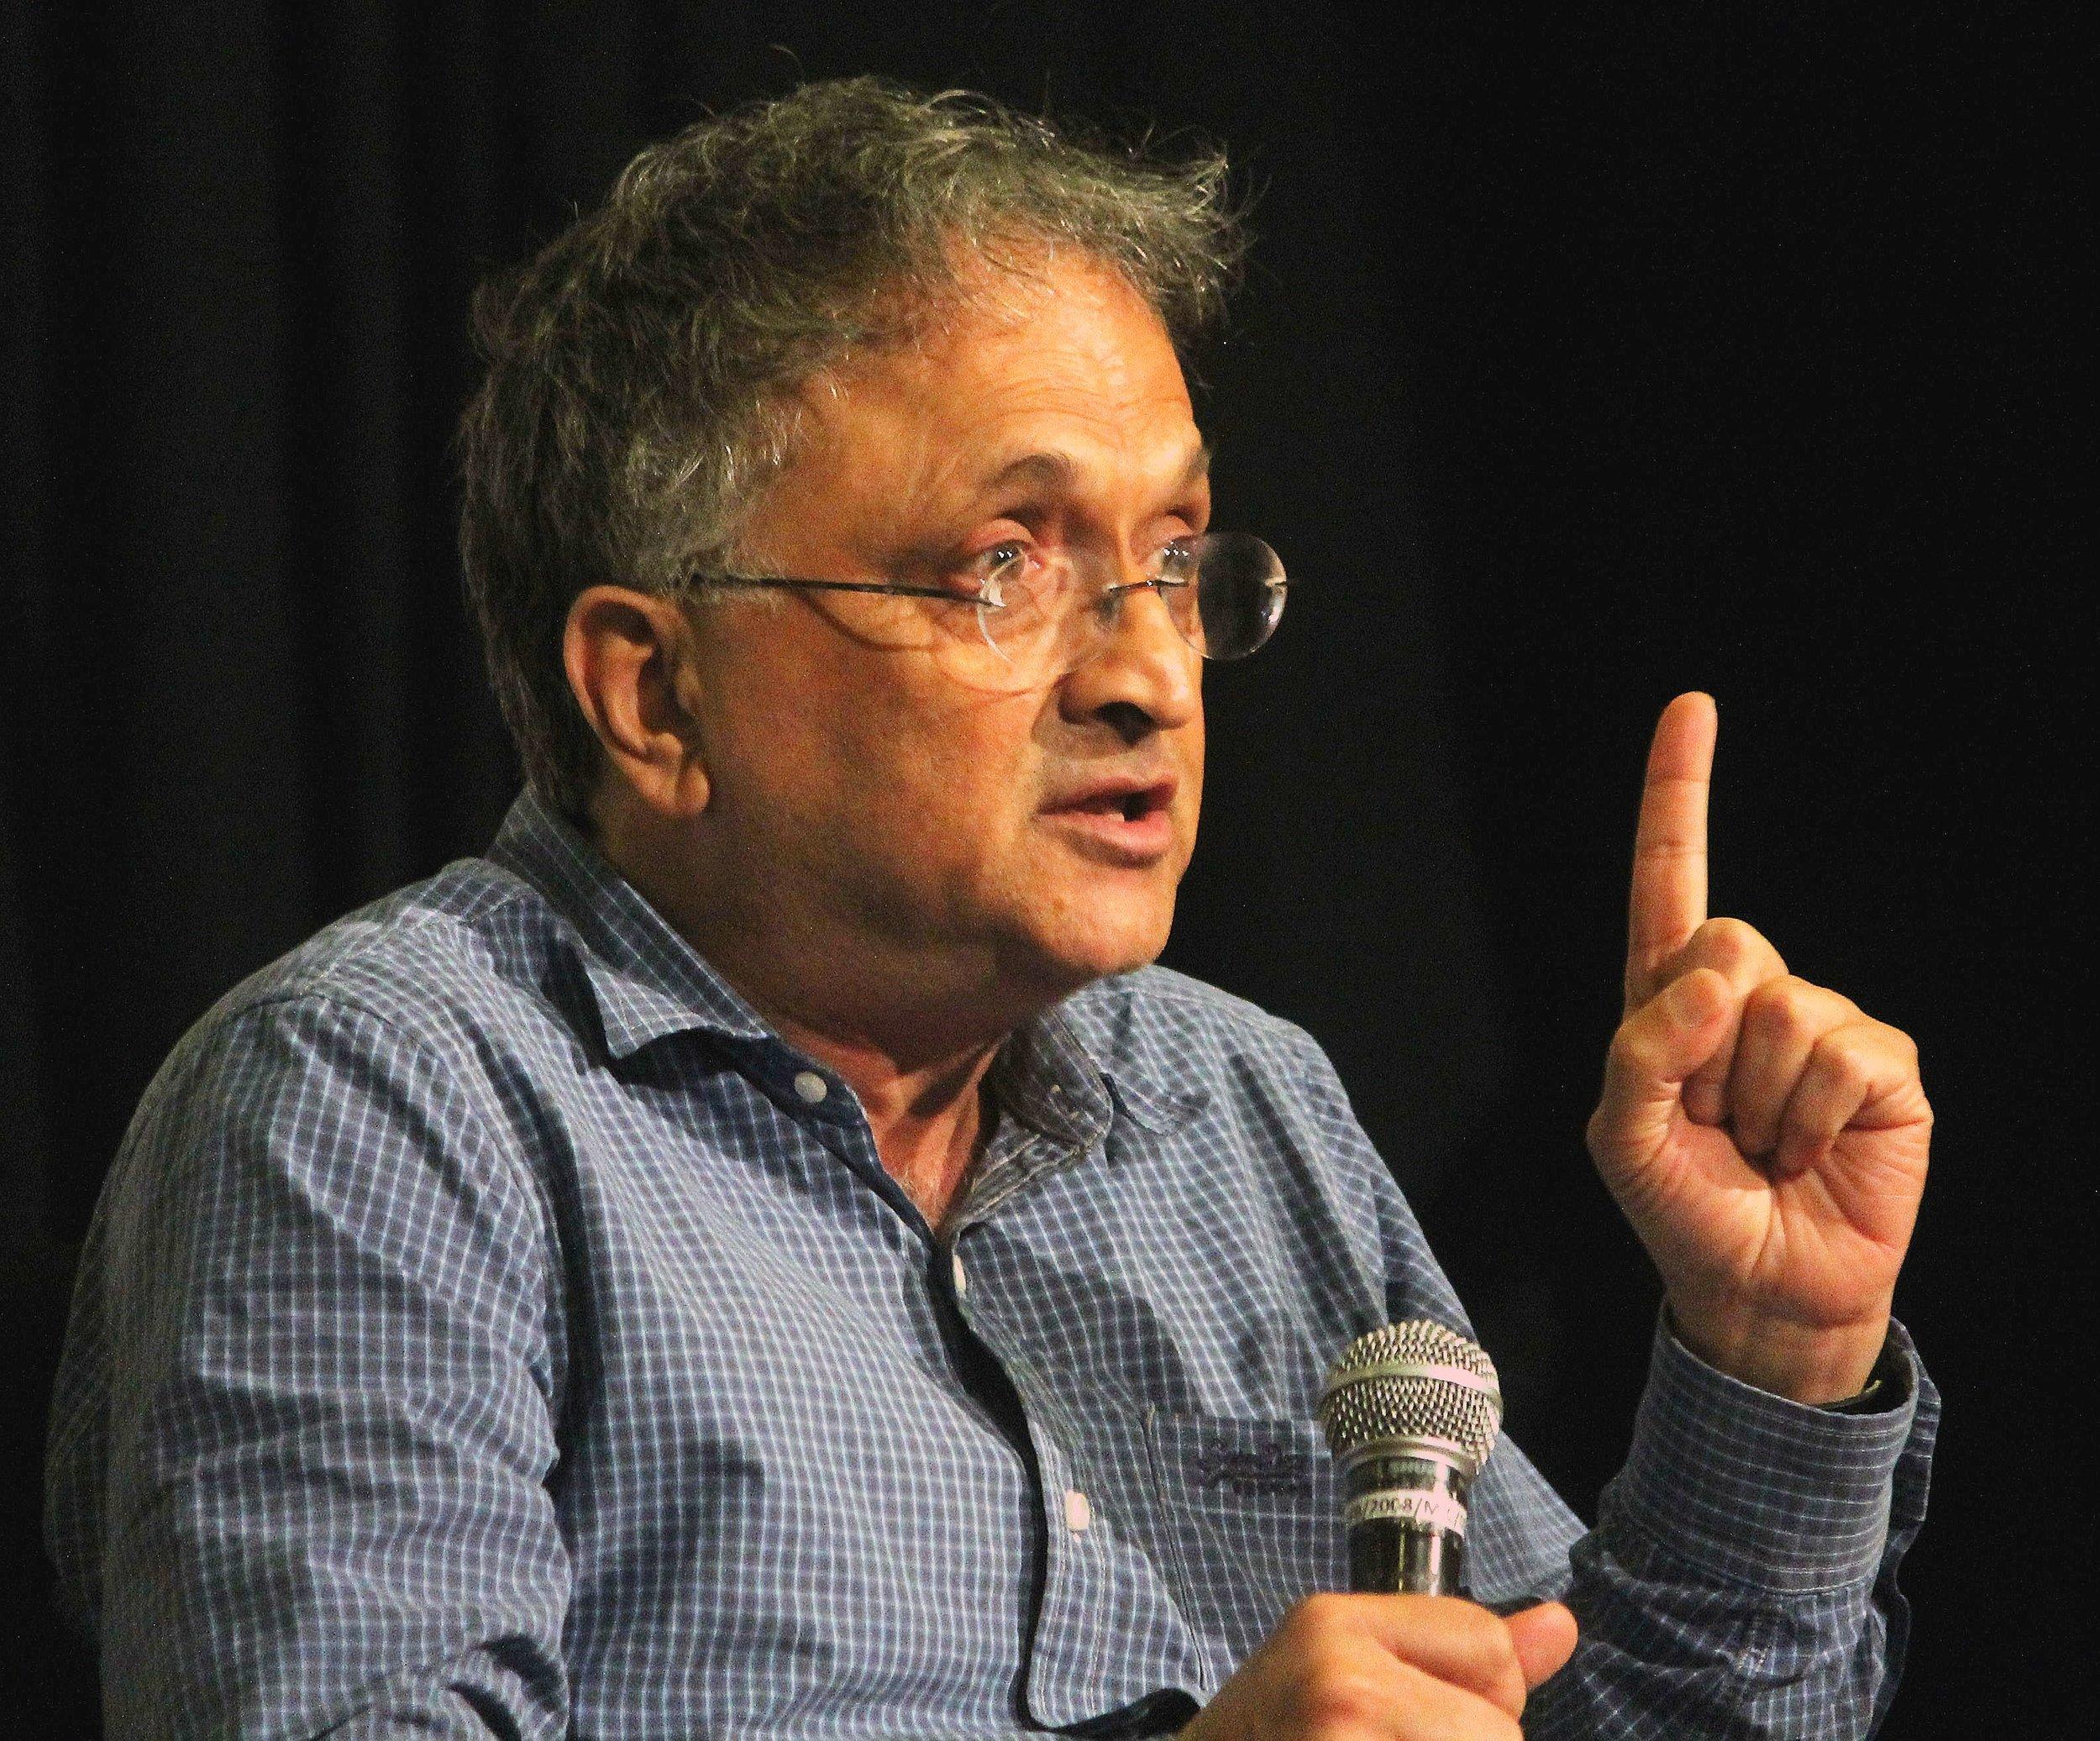 EXCLUSIVE: Ramachandra Guha Talks to India Ink